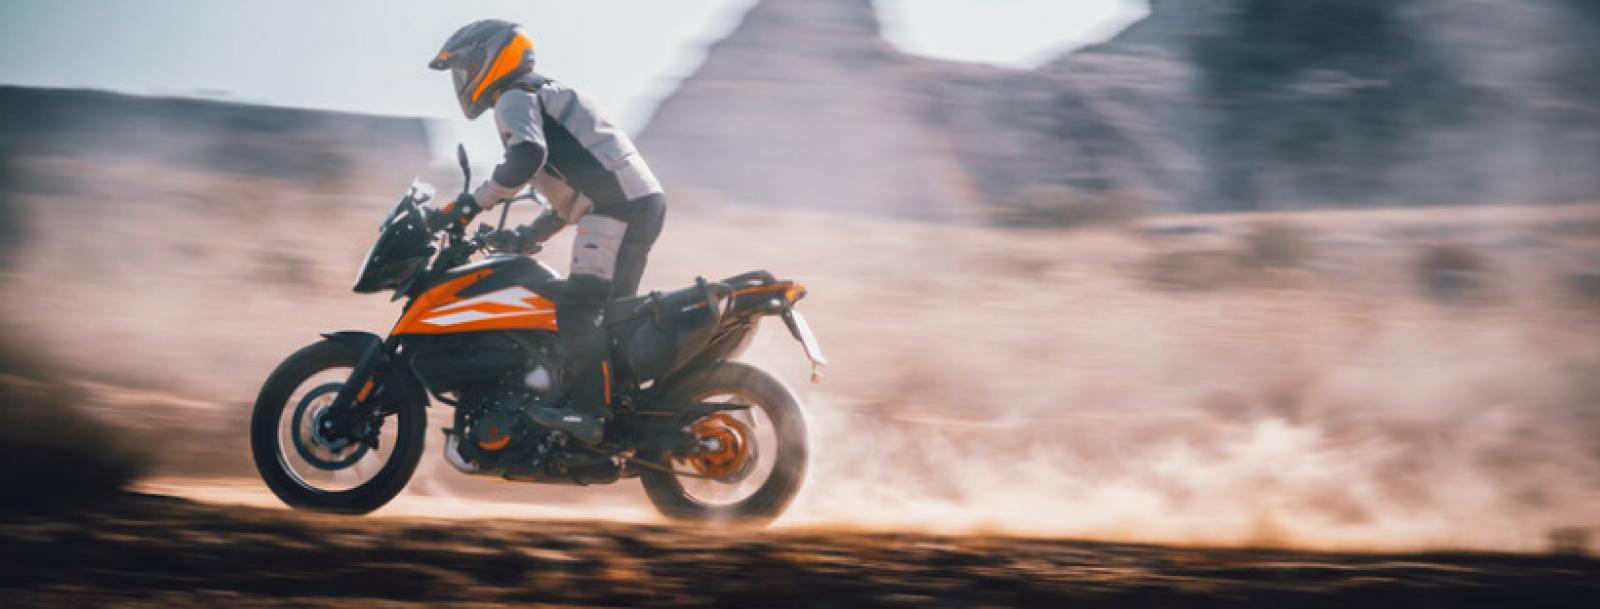 SPORTS TOURER - RX Moto Oy